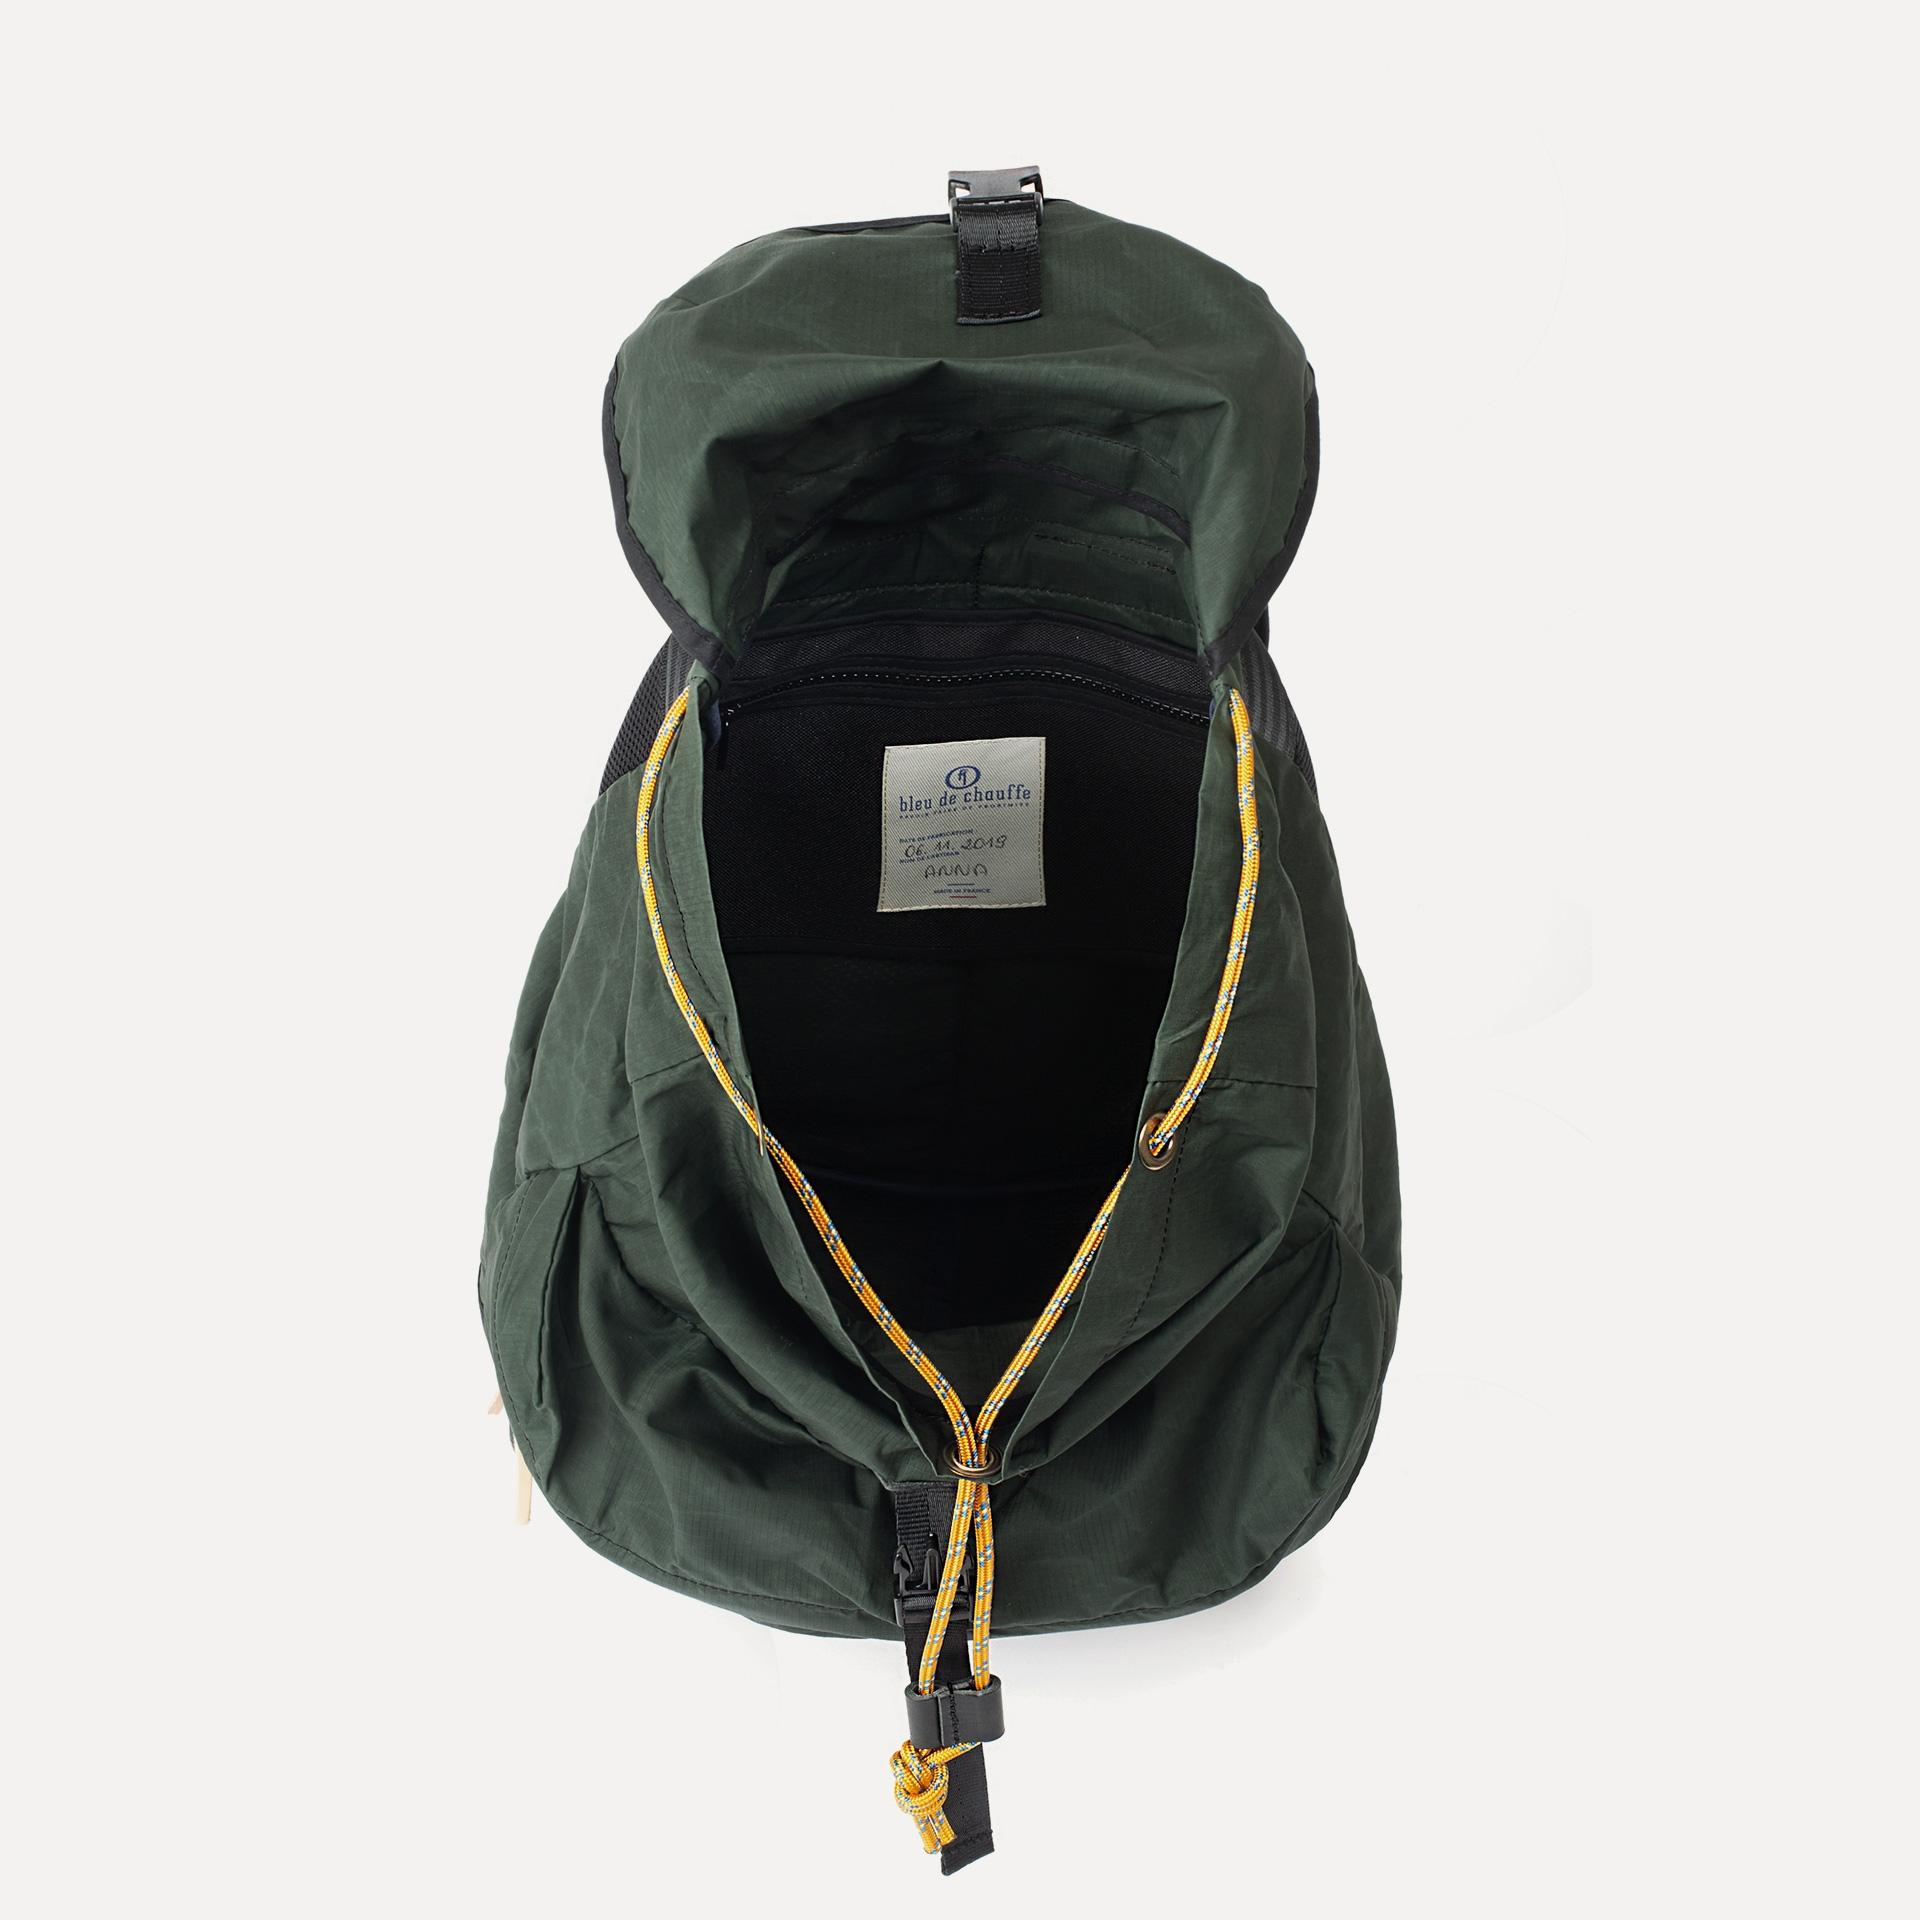 23L Bayou Backpack - Dark Khaki (image n°4)